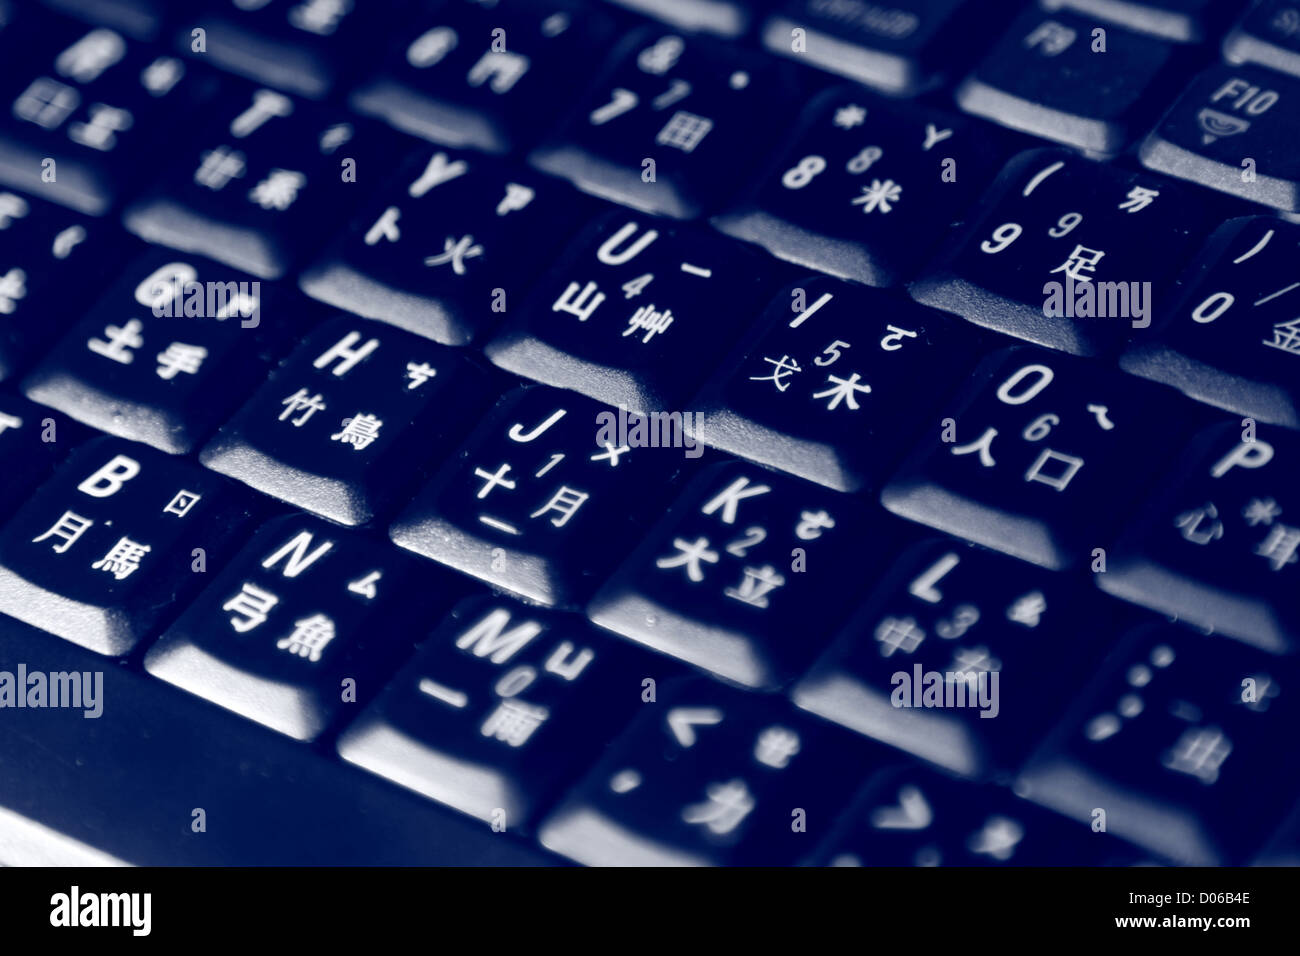 Tastaturen mit Beleuchtung Stockbild